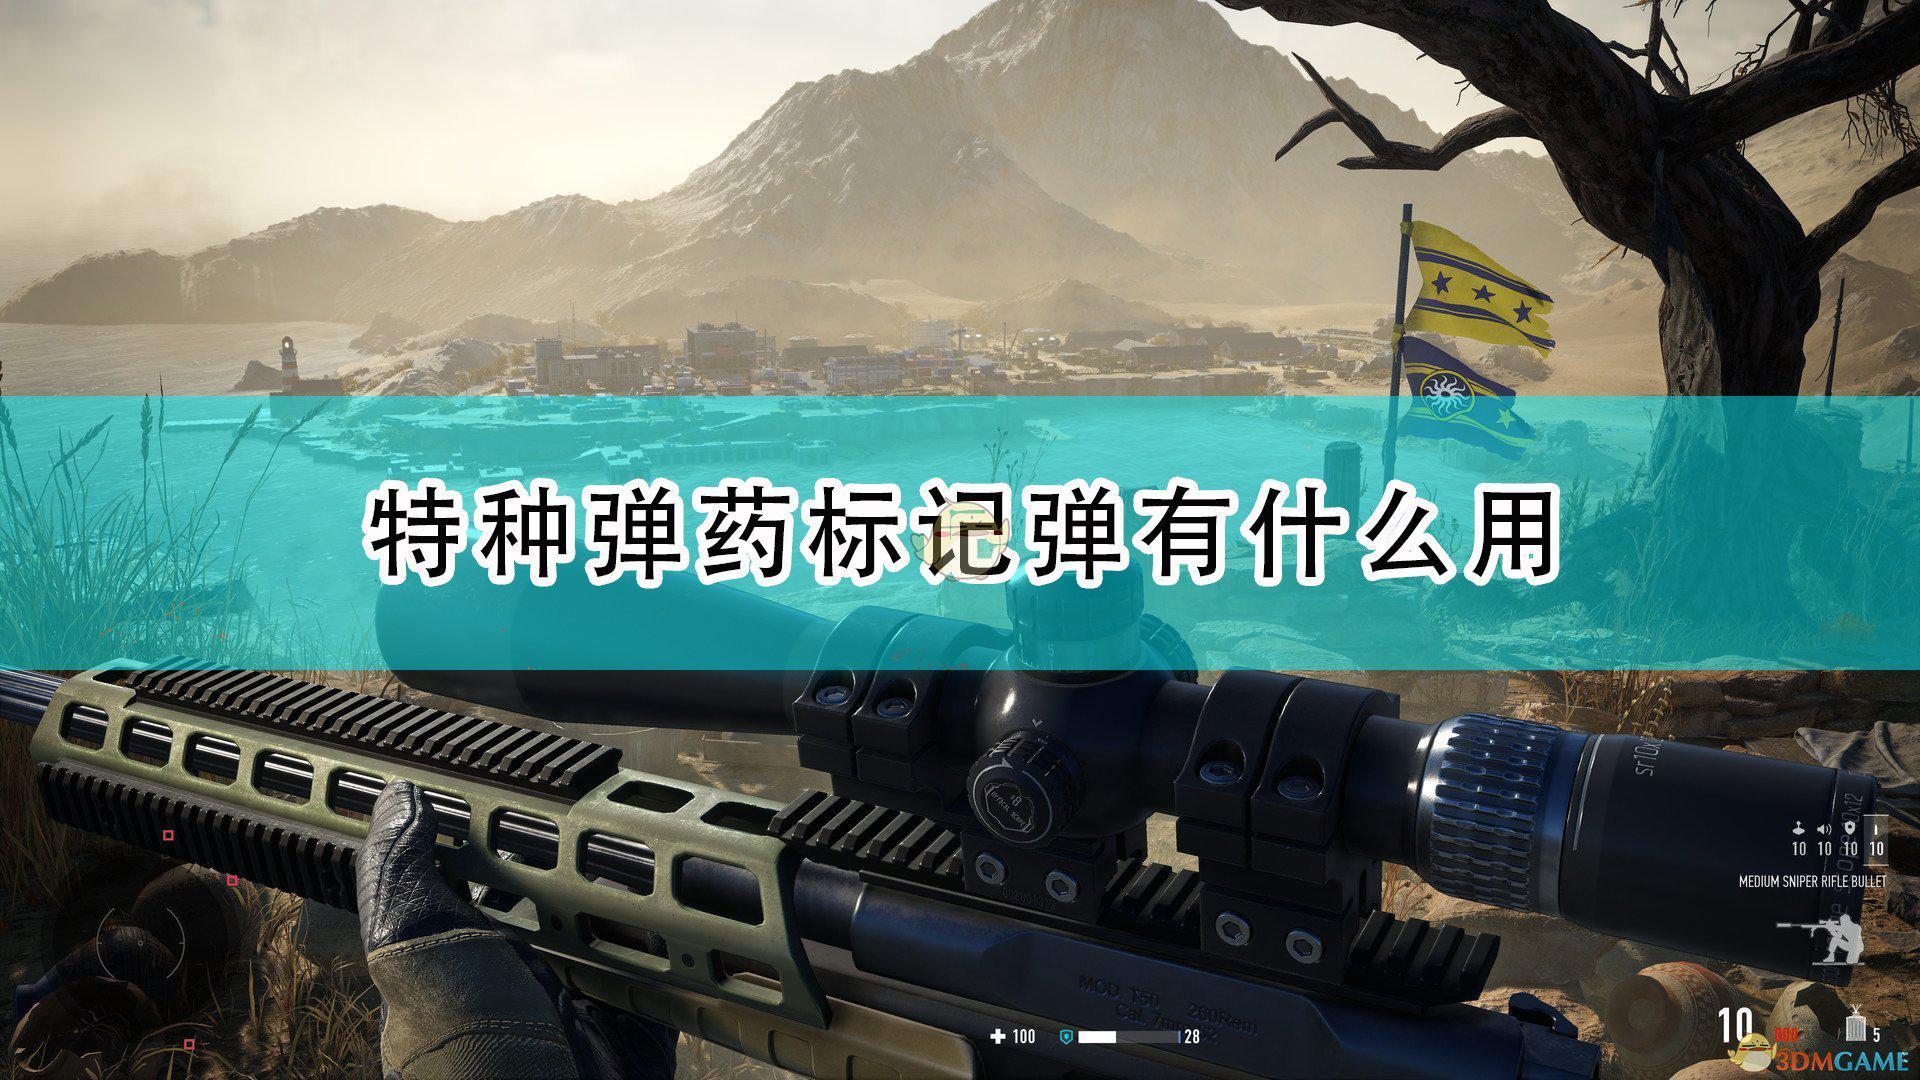 《狙擊手:幽靈戰士契約2》標記彈作用效果介紹